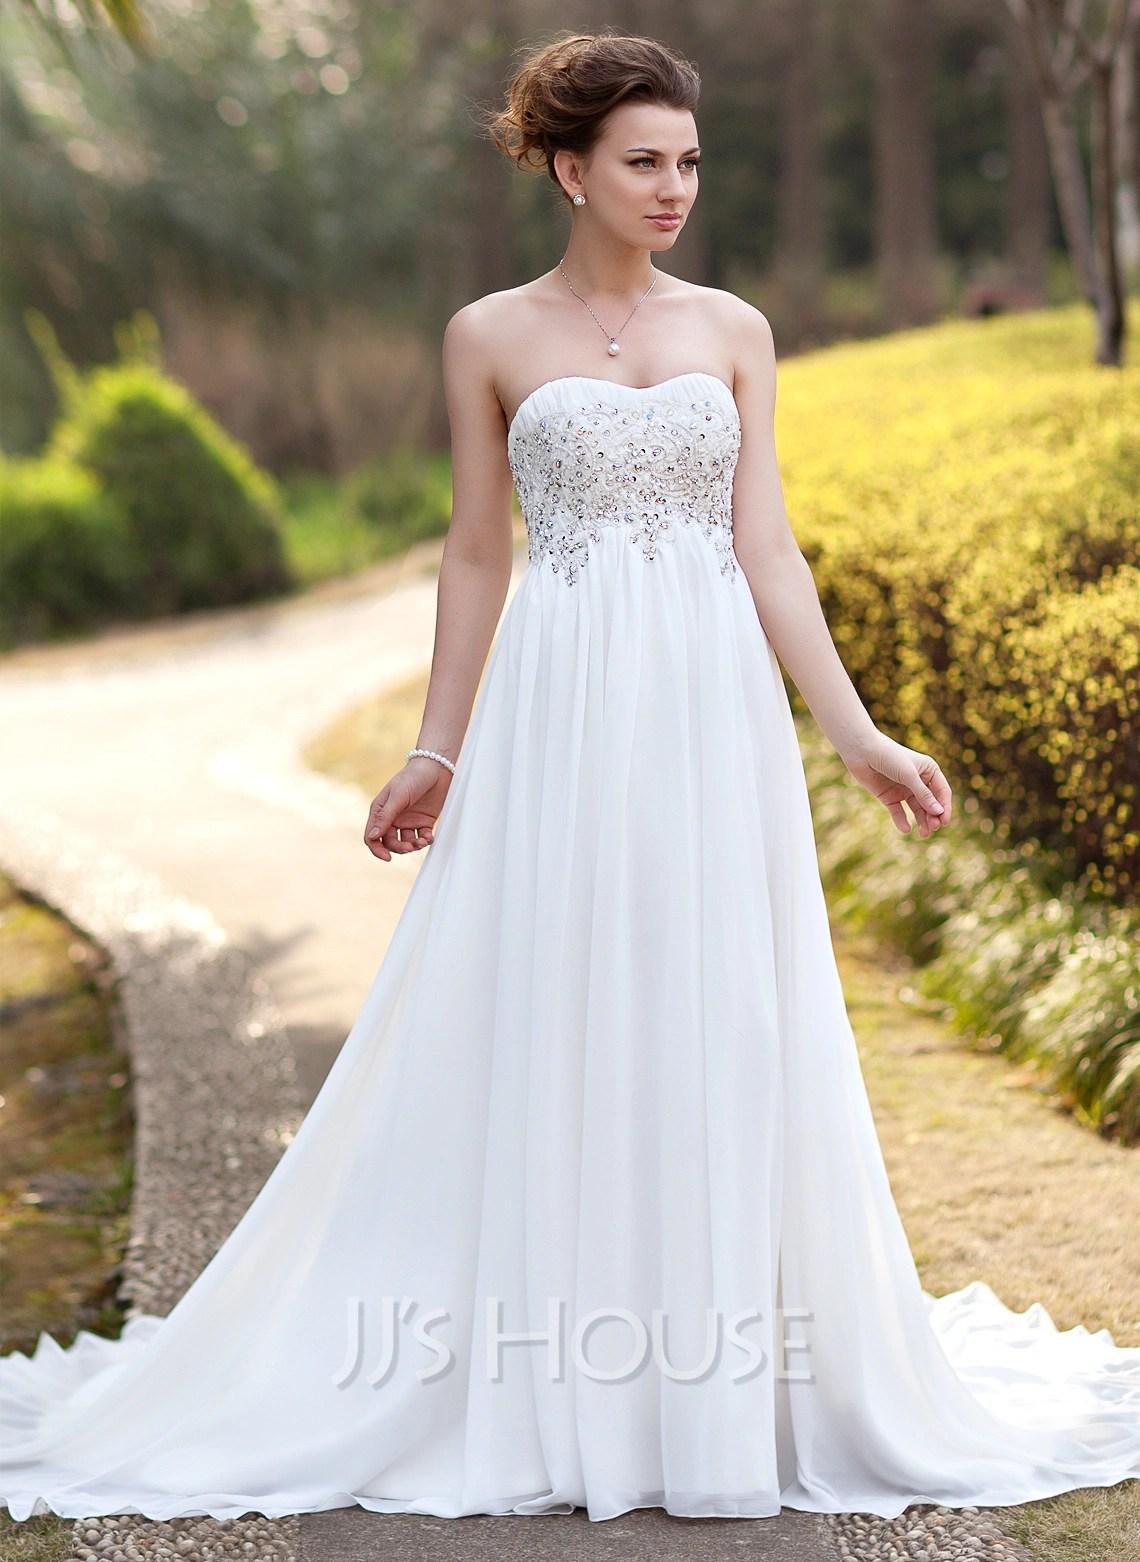 Empire Sweetheart Court Train Chiffon Wedding Dress With Ruffle Lace Beading g jjshouse wedding dress Home Wedding Dresses Loading zoom